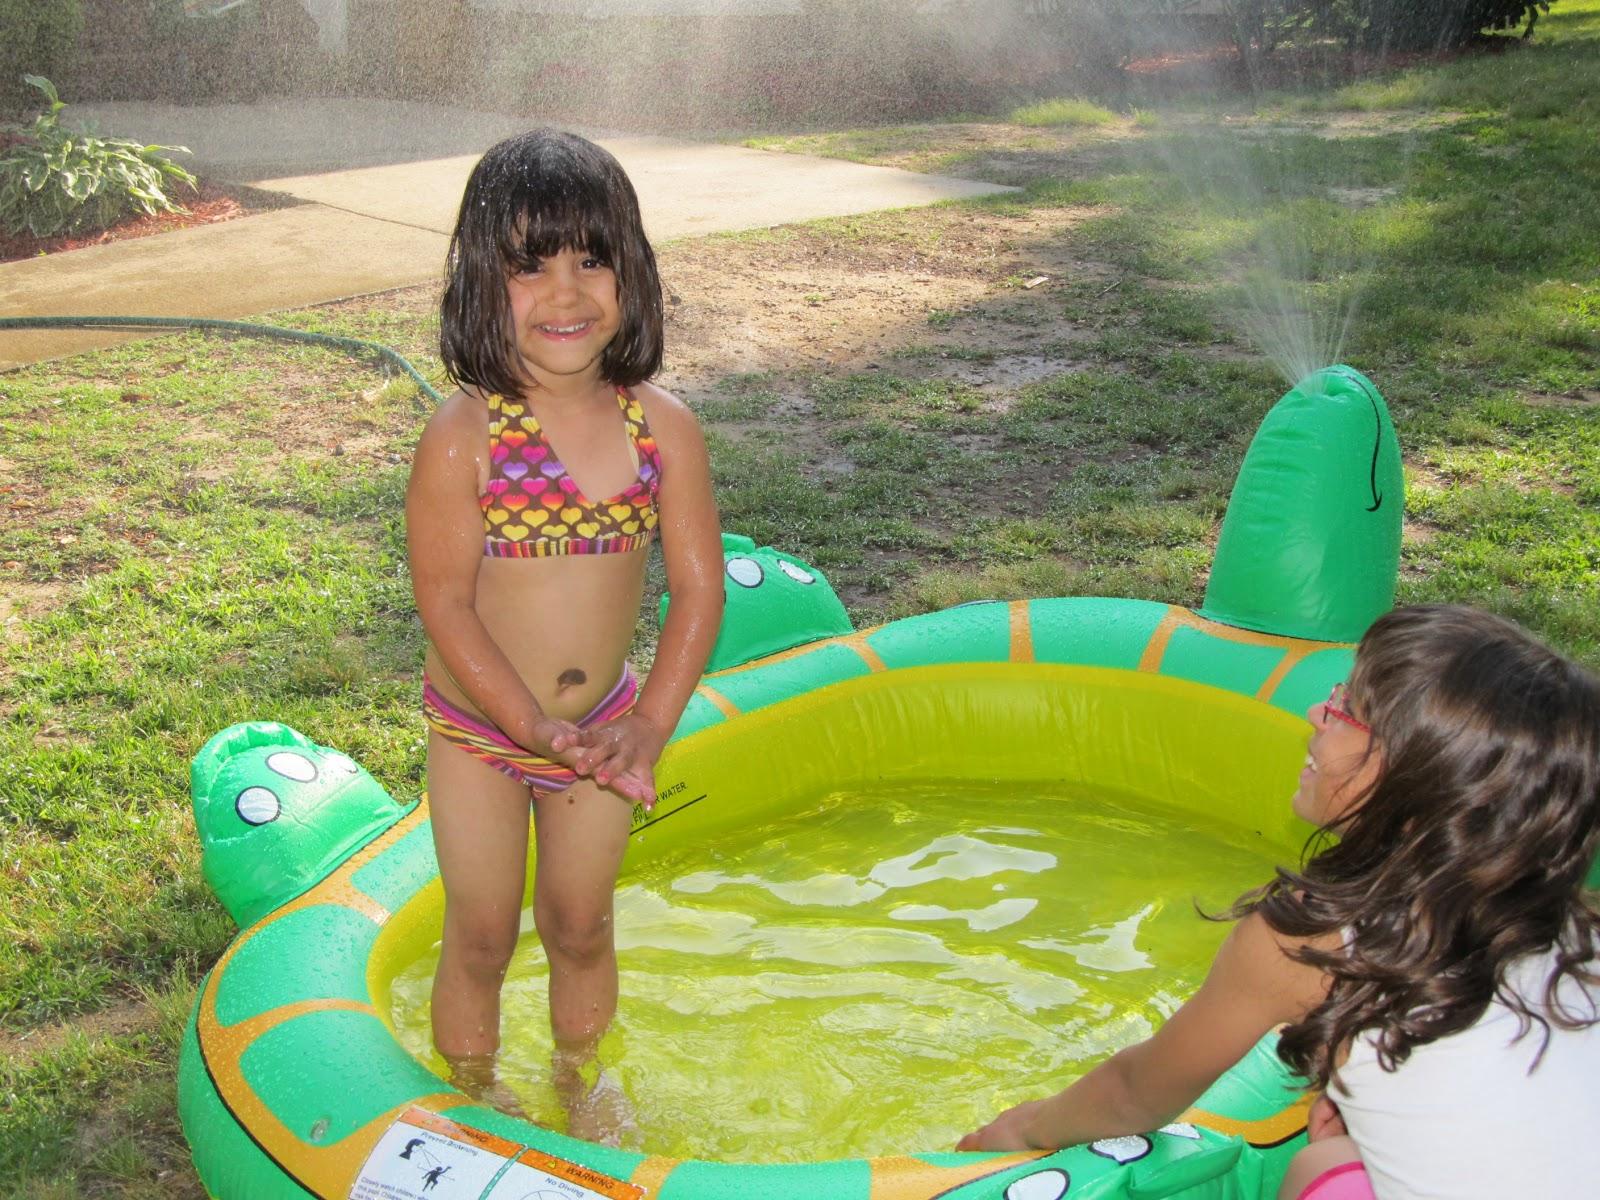 camy model dream - XXGASM: http://xxgasm.com/photos/camy-model-dream/